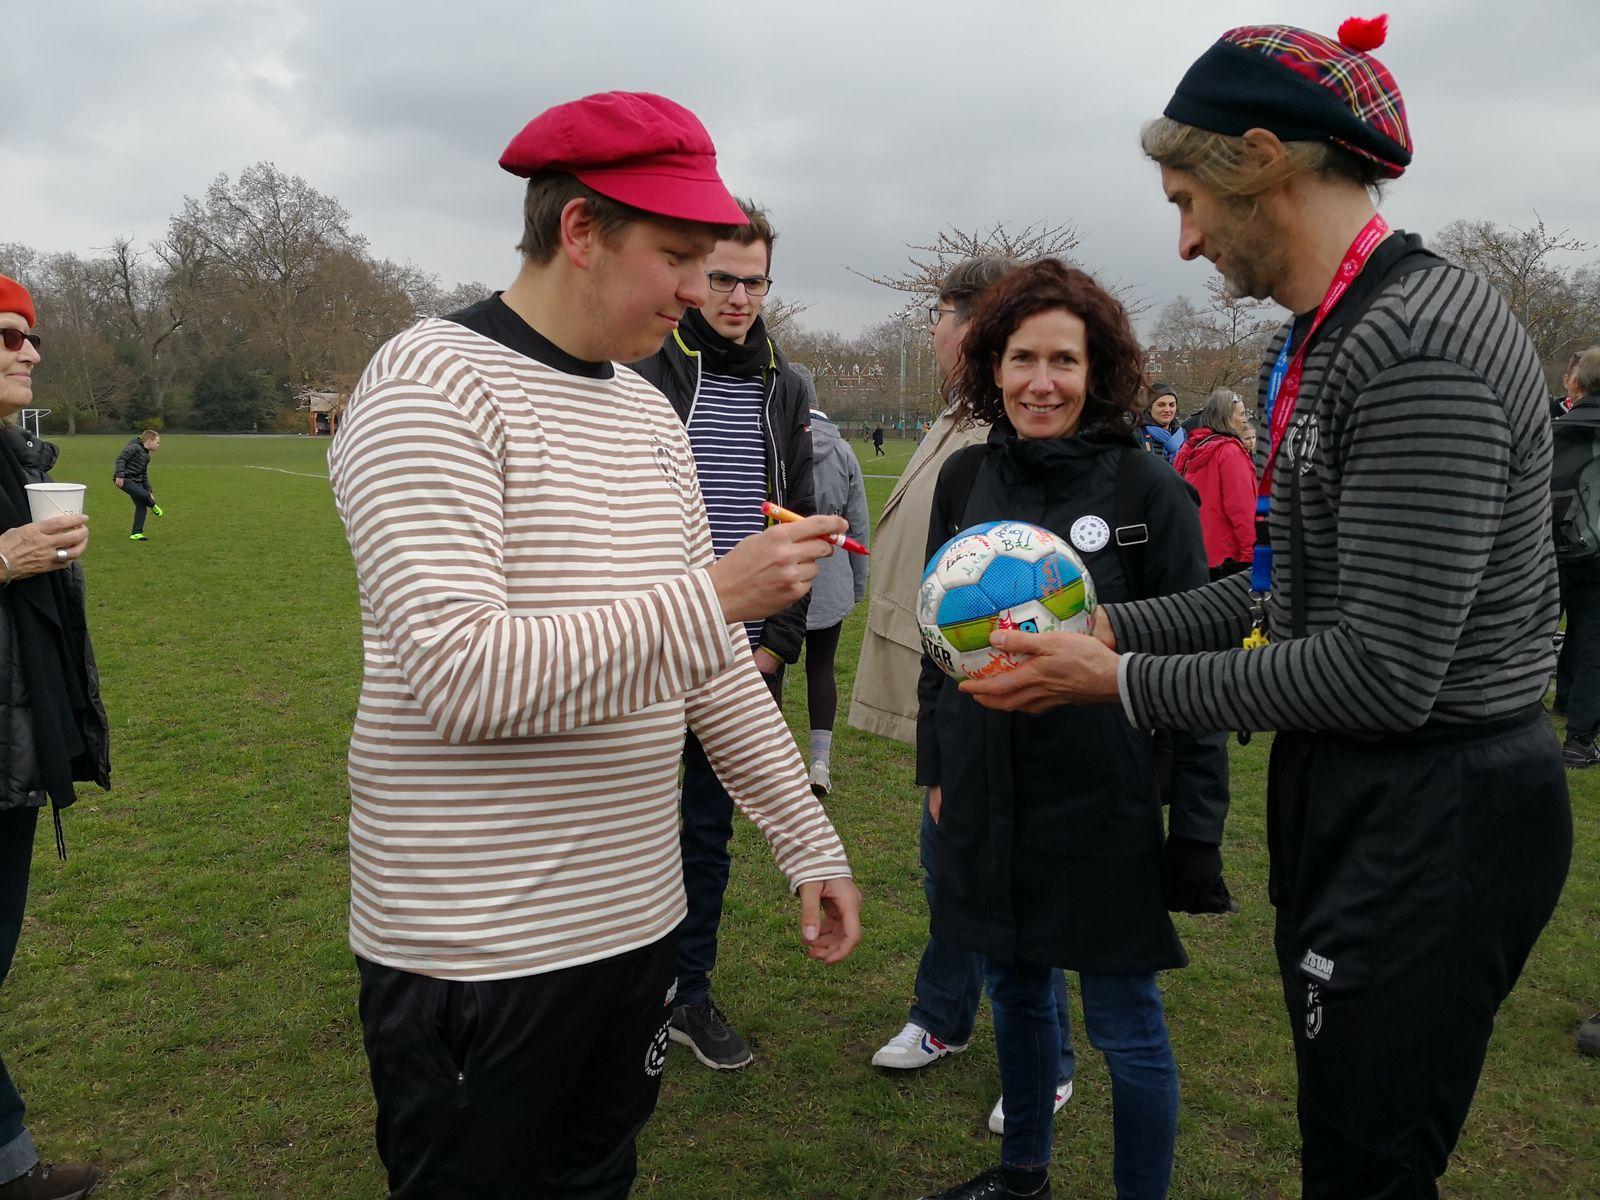 Jeder der einen Kopfball gemacht hat, darf auf The Ball unterschreiben